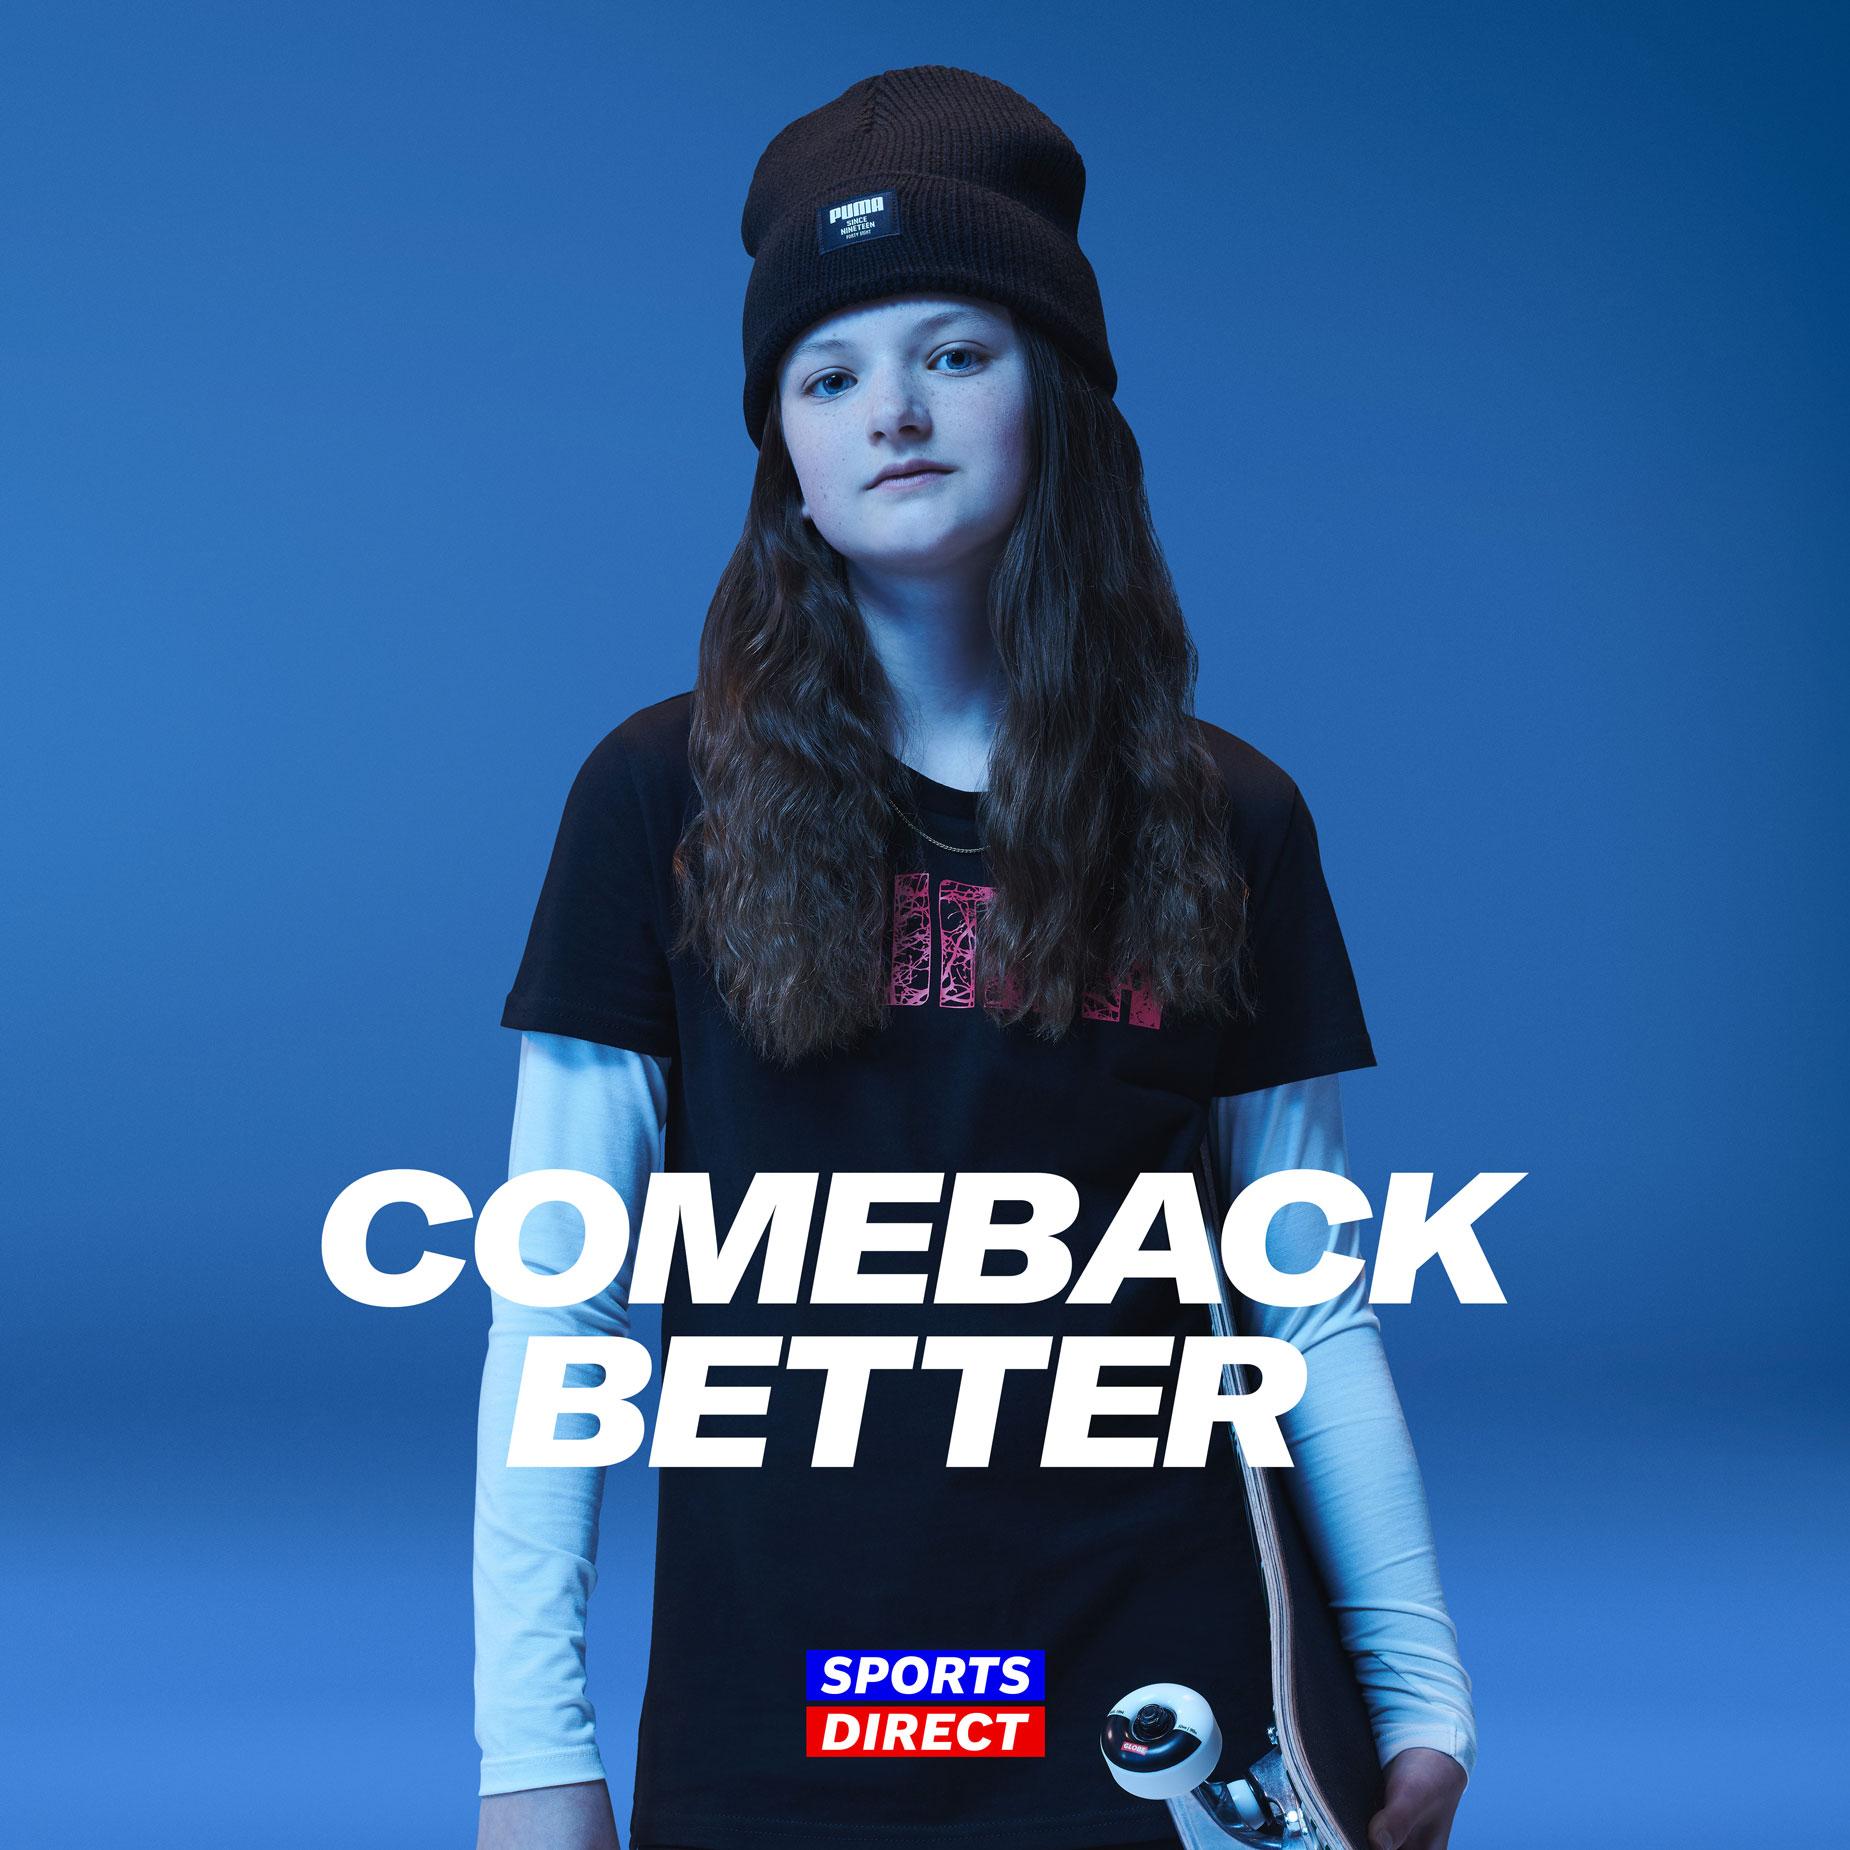 SD-Comeback-Better—Social-Square24